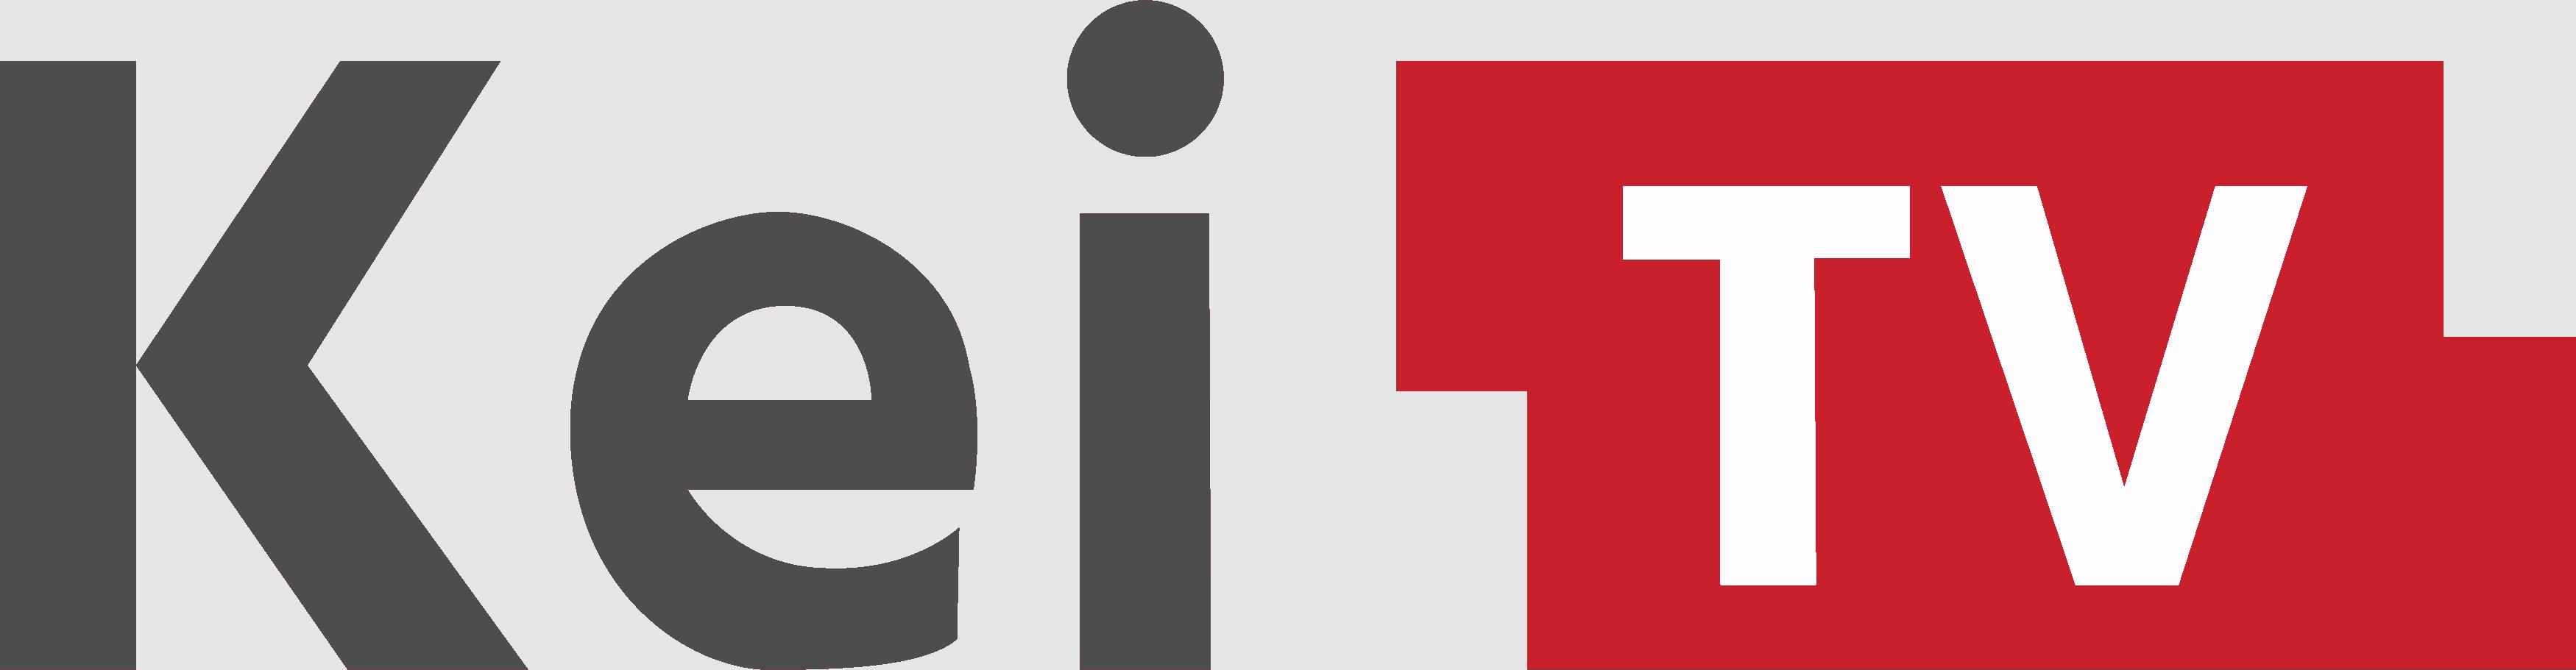 KeiTV